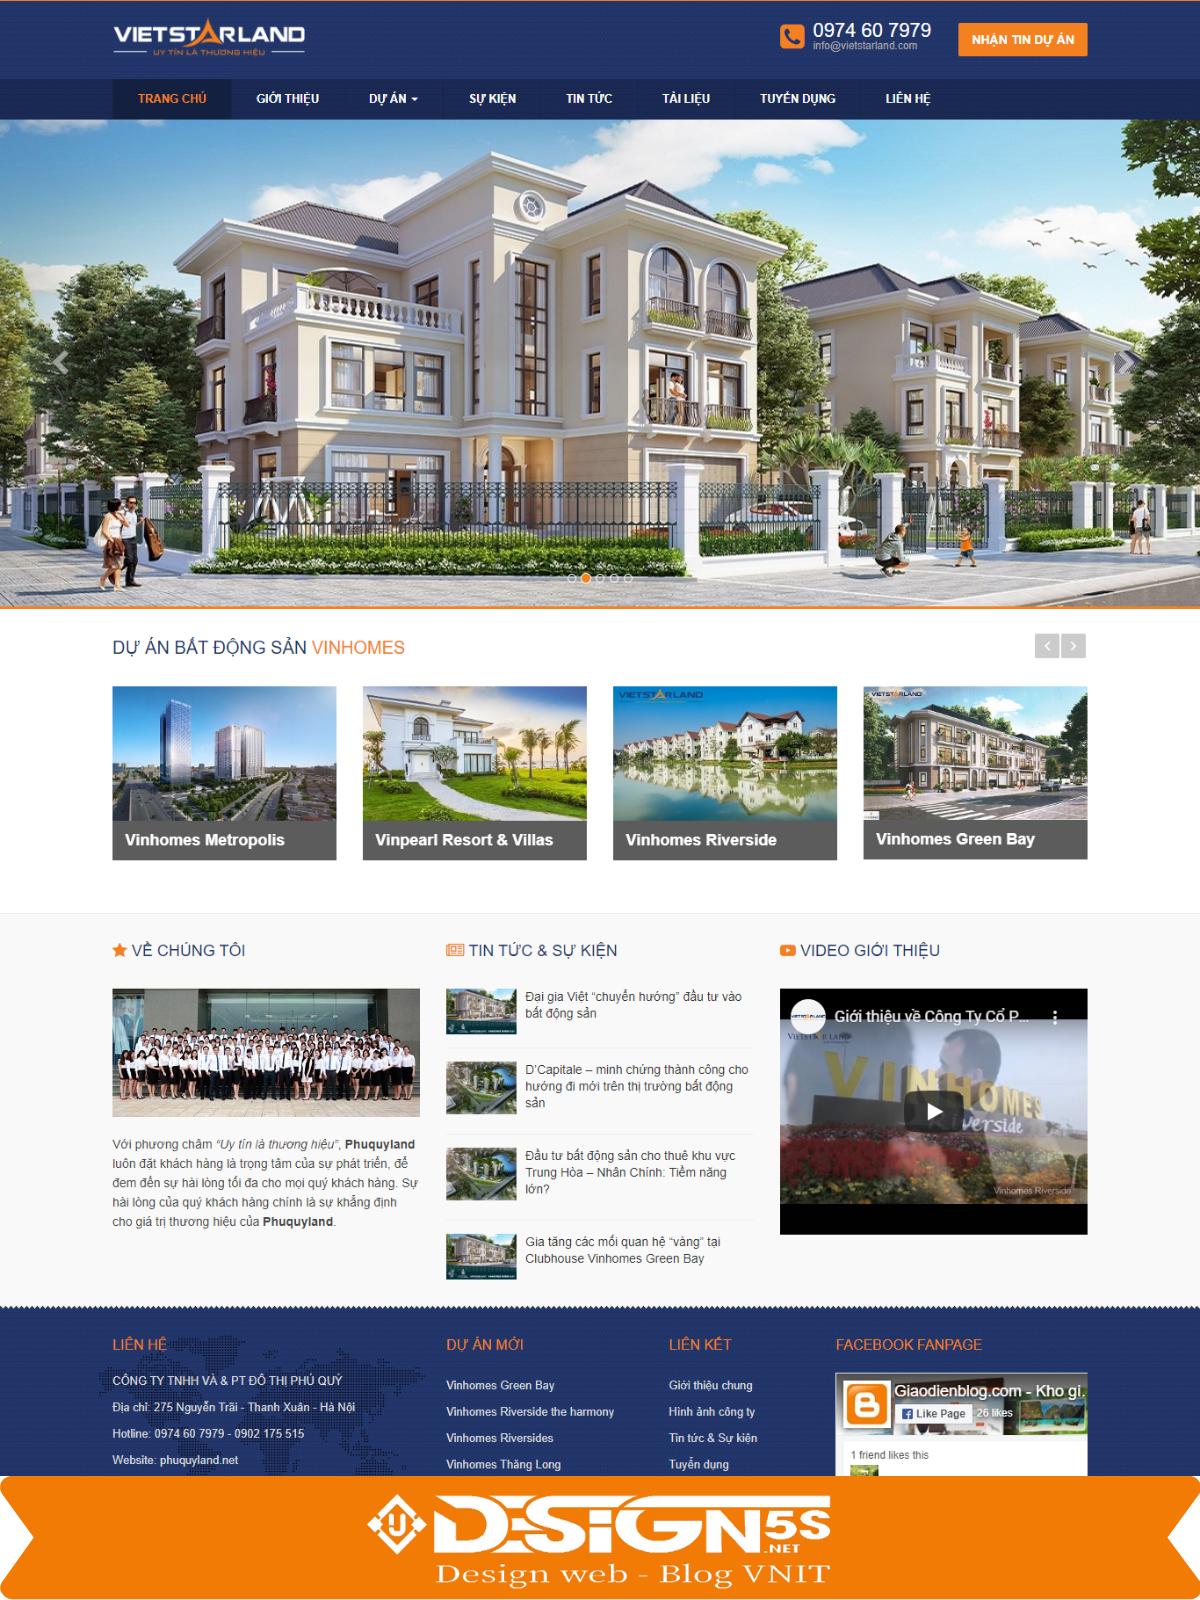 Mẫu website bất động sản Vietstarland Chuyên Nghiệp - Ảnh 1